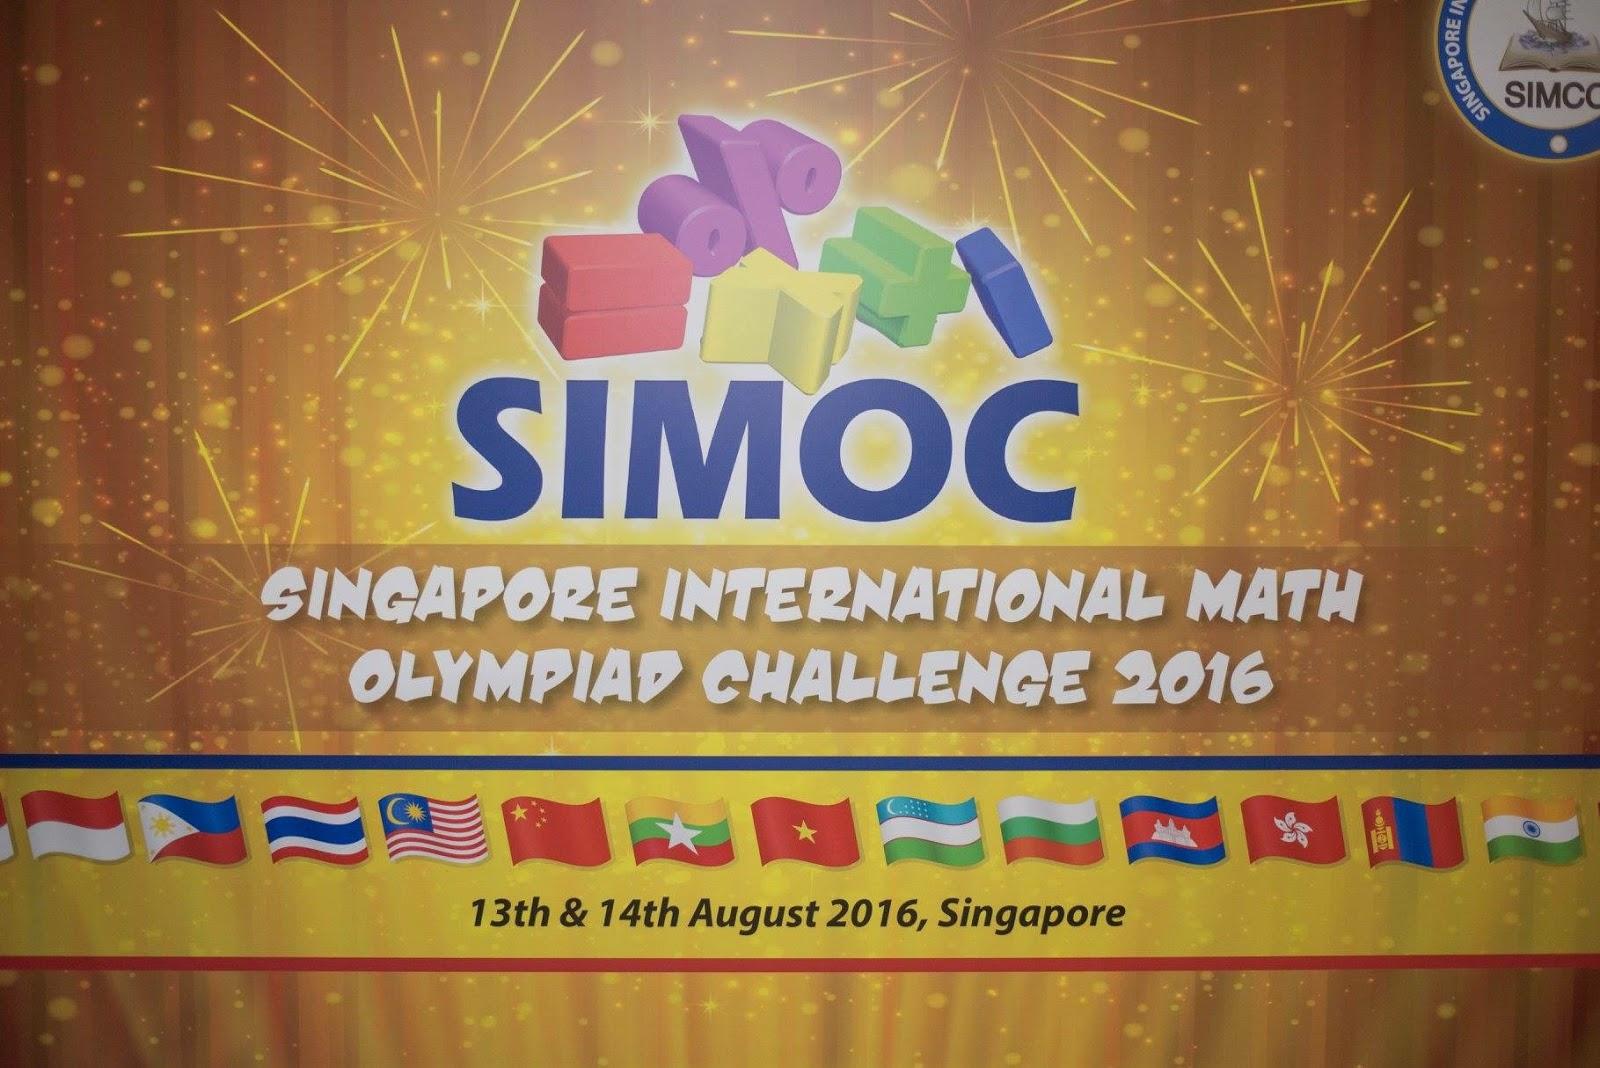 Sekolah Menengah Sains Rembau Singapore International